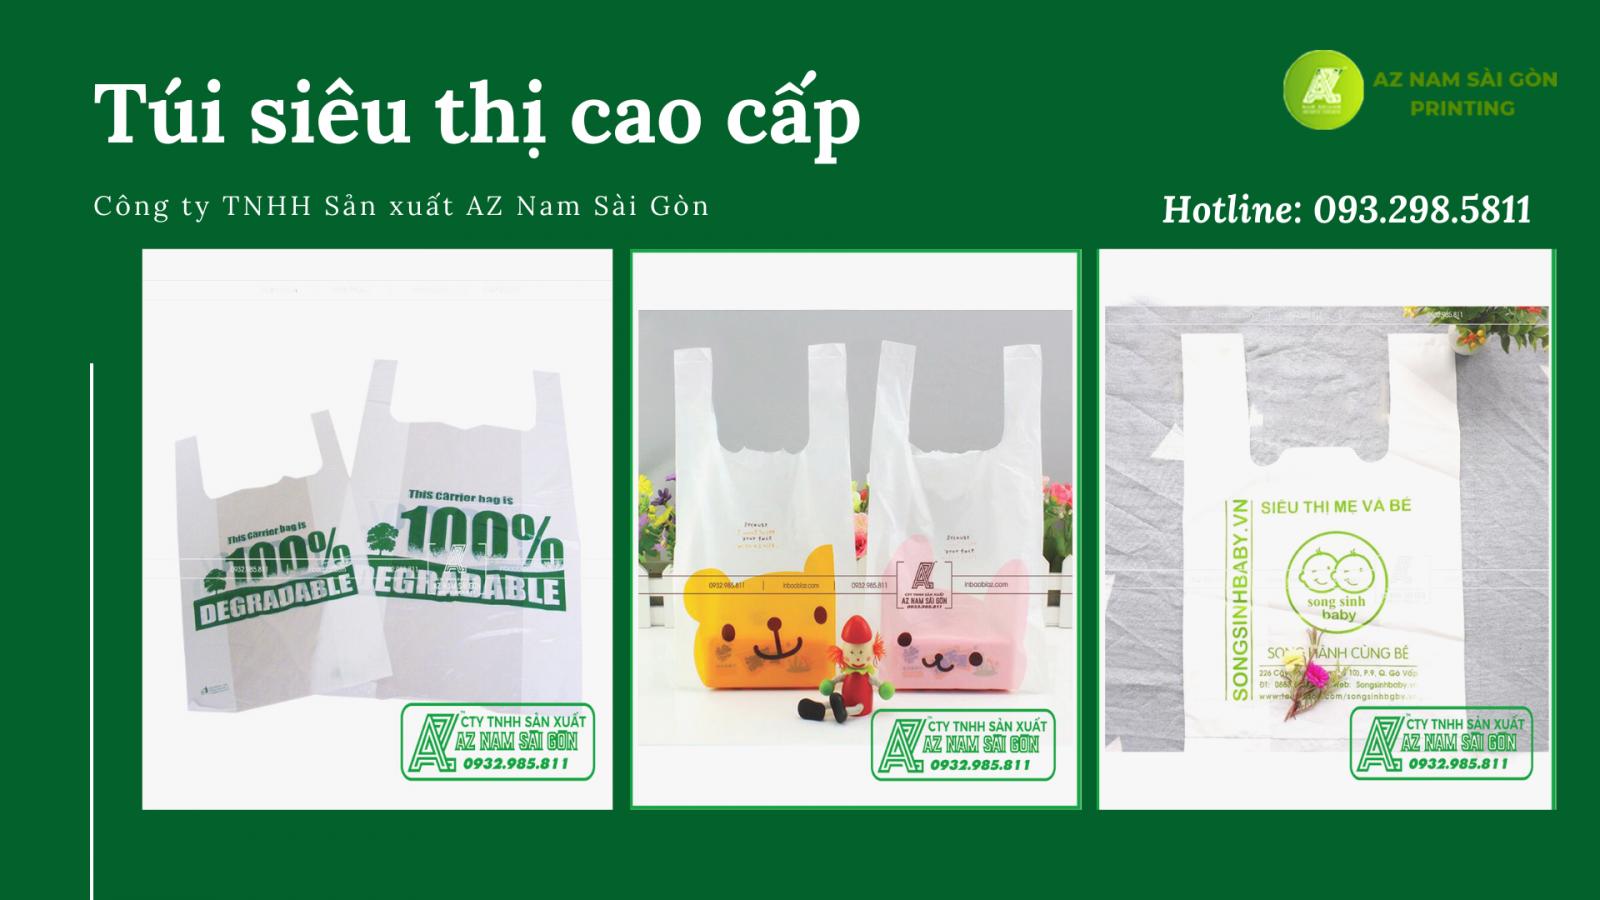 AZ Nam Sài Gòn - Sự lựa chọn hoàn hảo